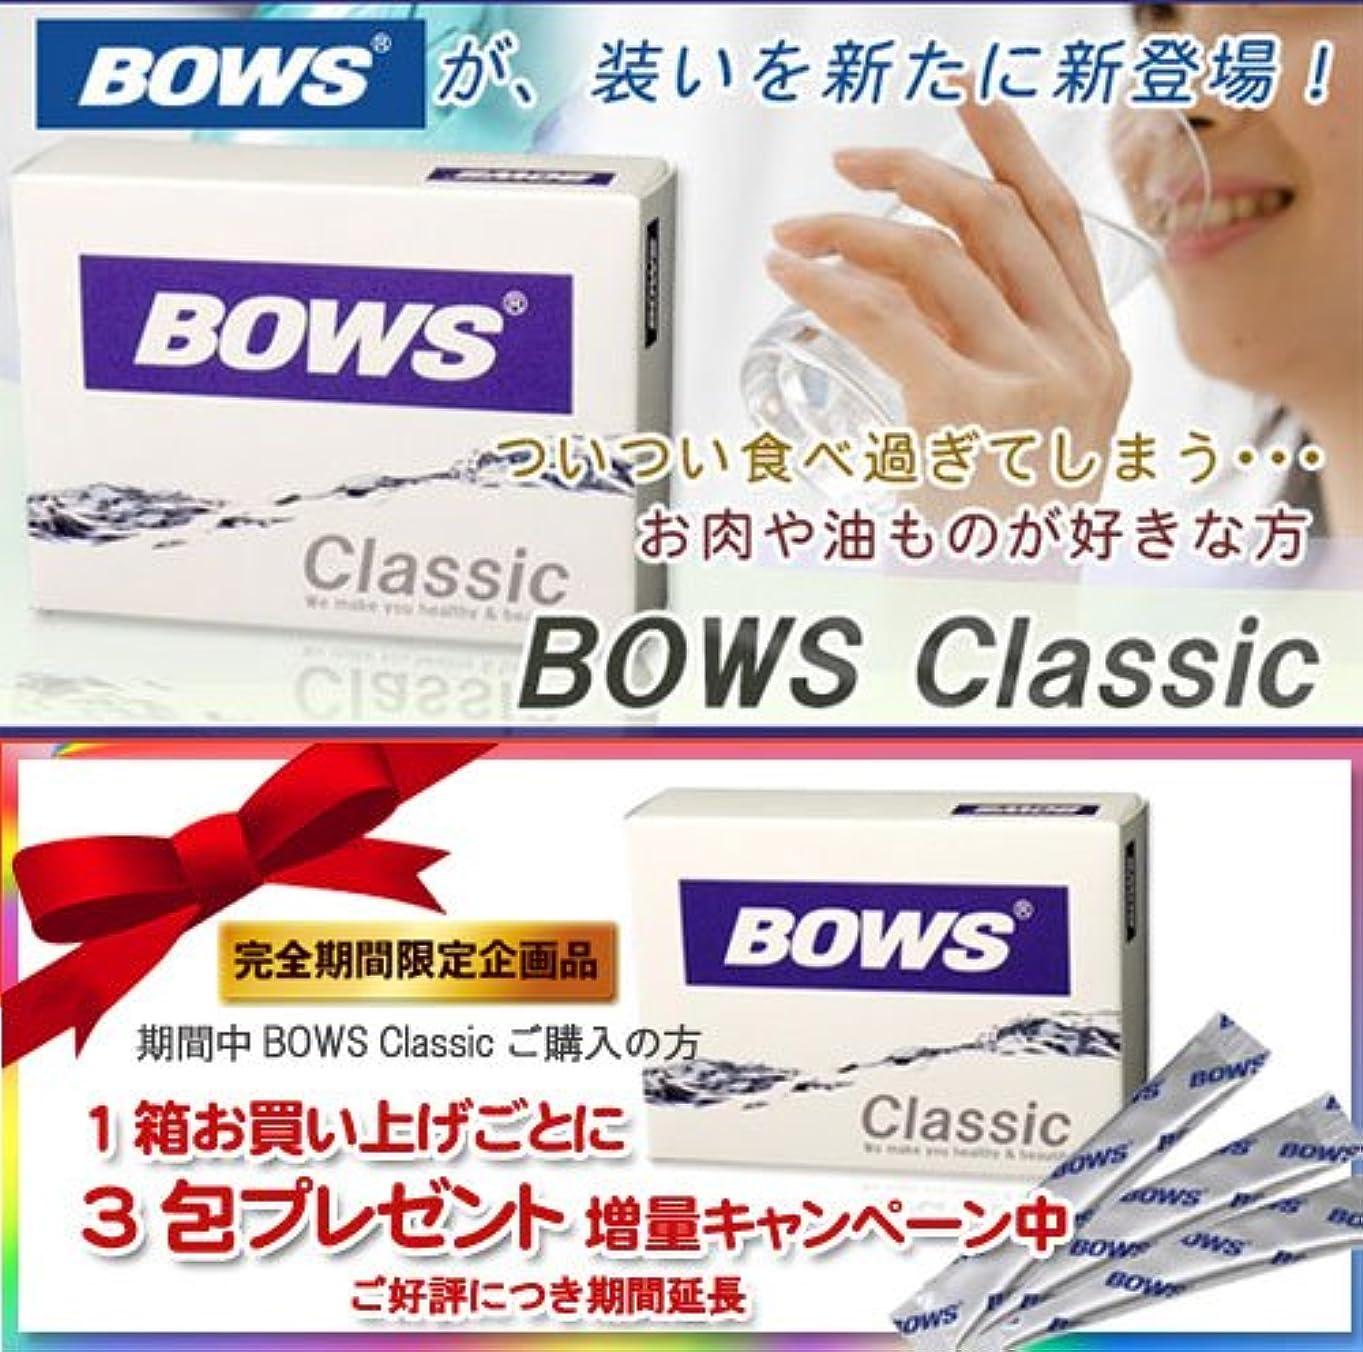 レジデンス明確なアクティビティBOWS Classic (ボウス クラシック)  30包+3包増量版 6個セット